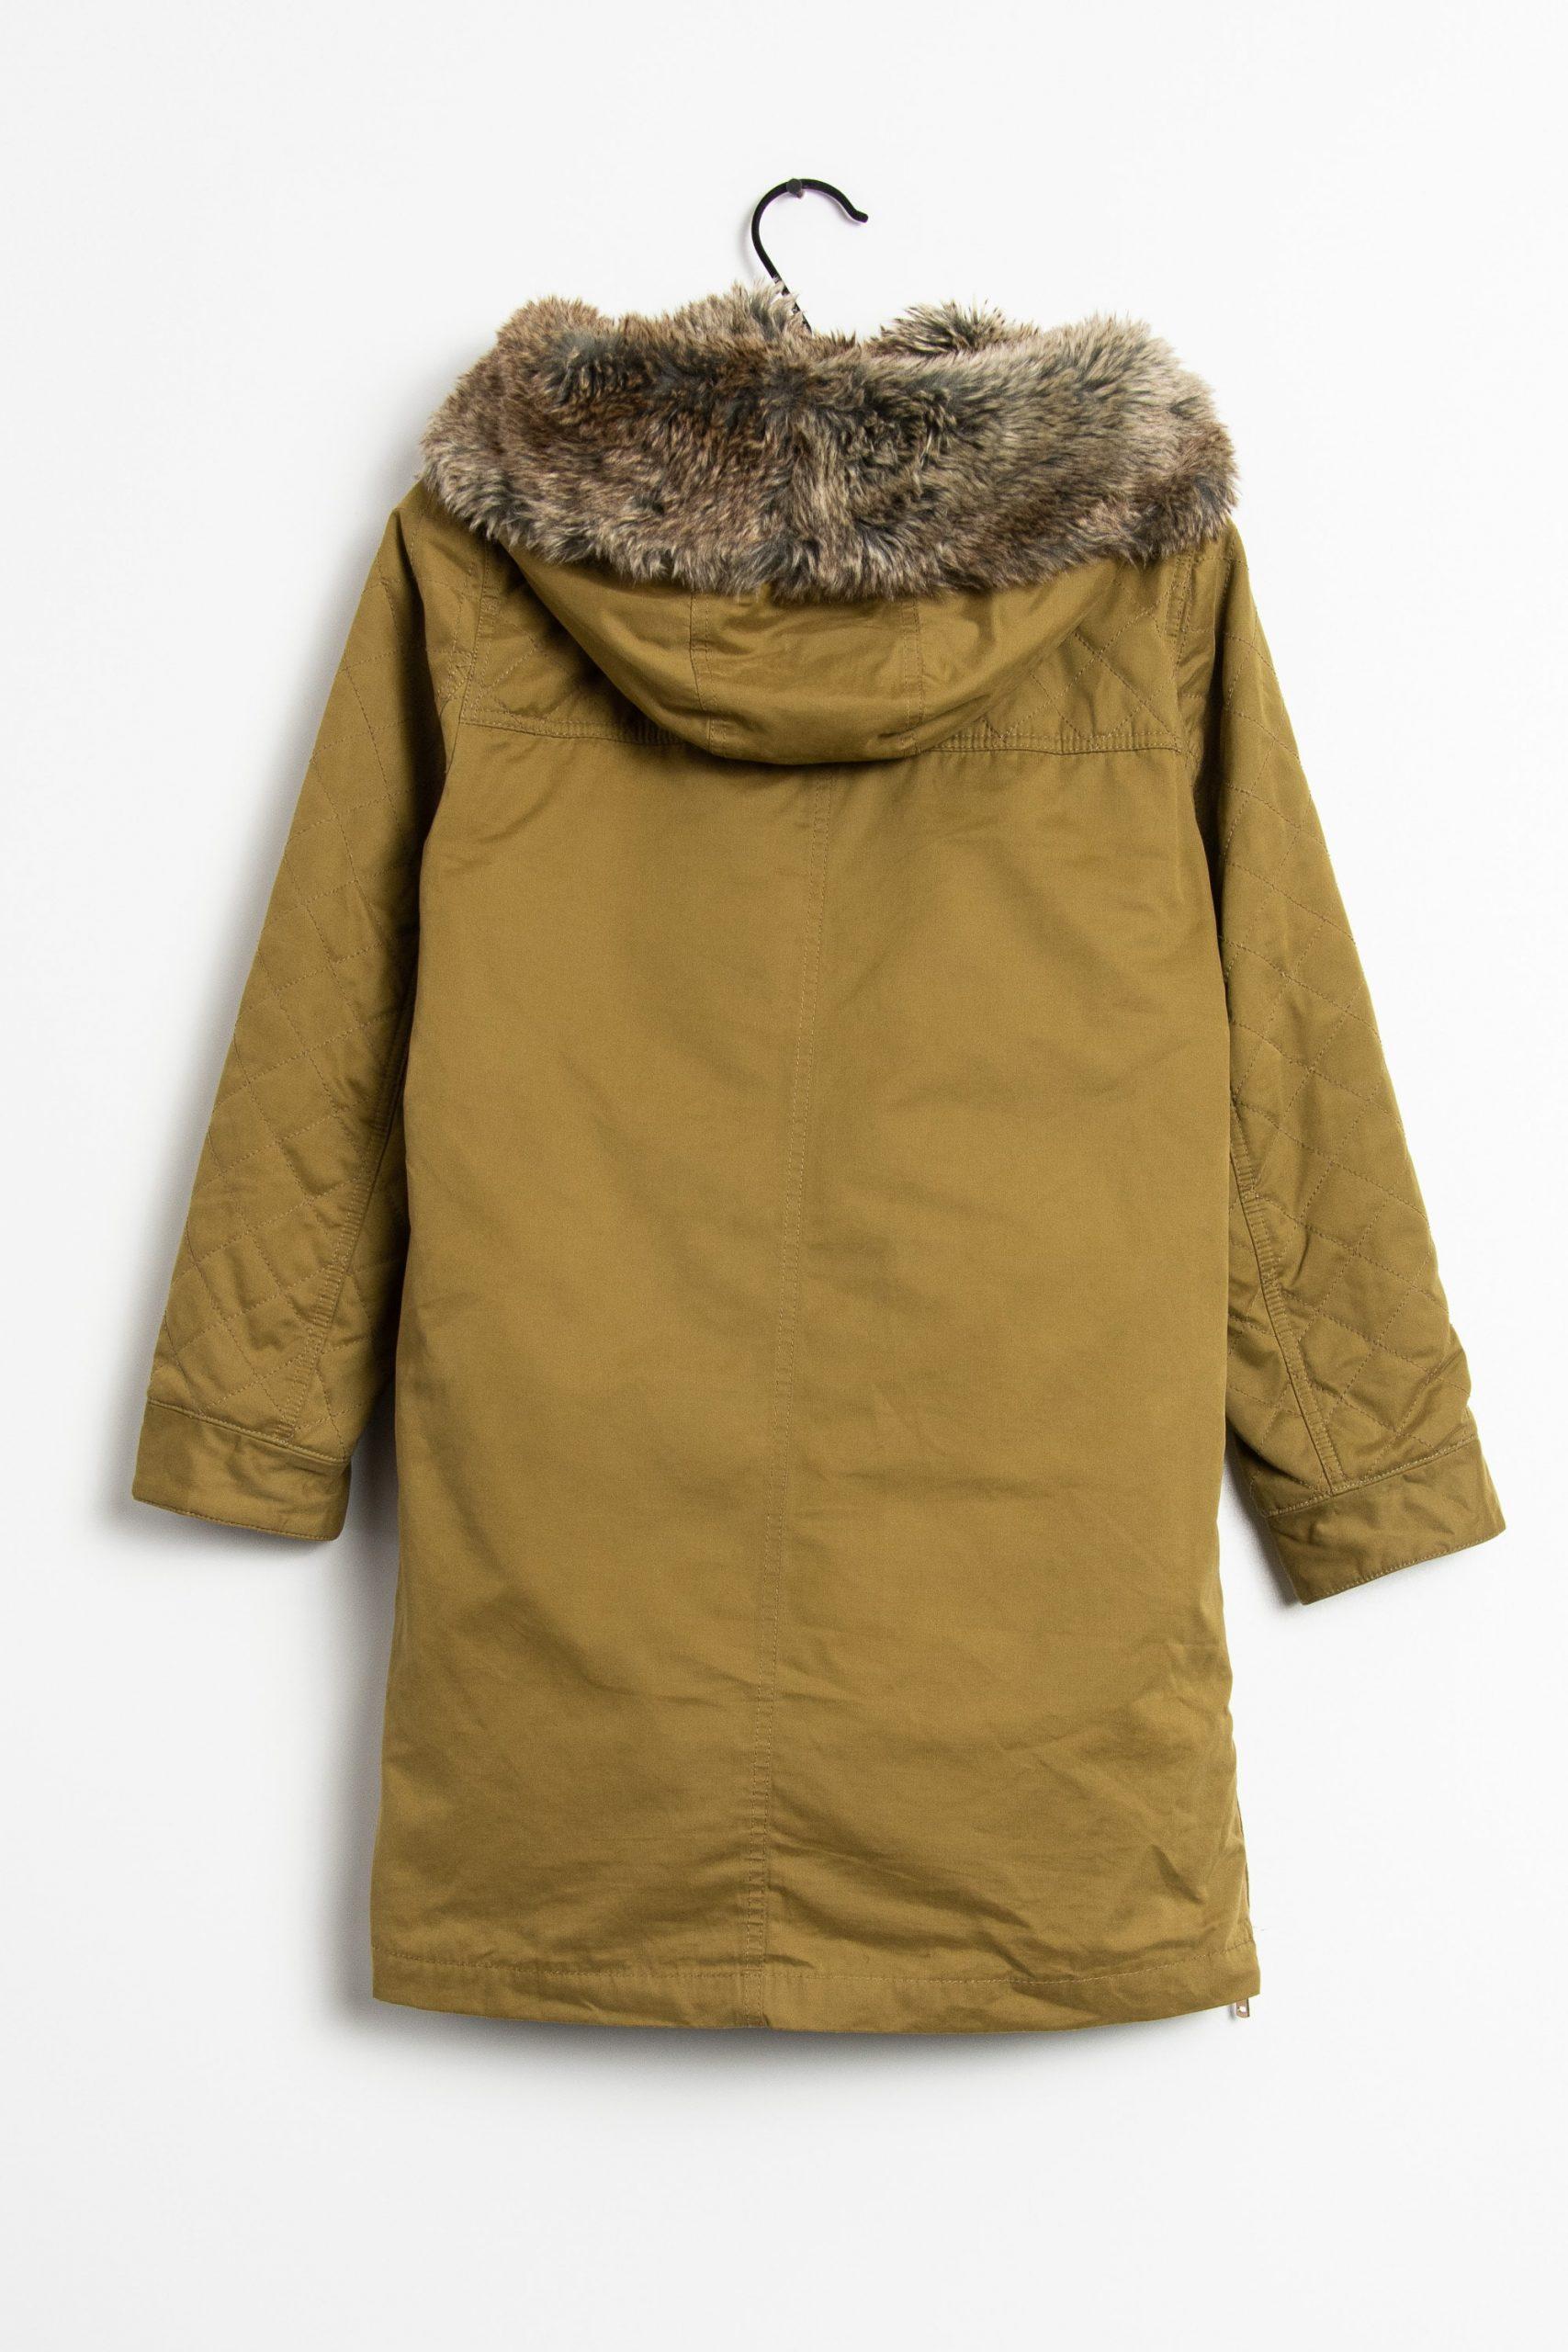 Zara Winterjacke Grün Grs  10051076